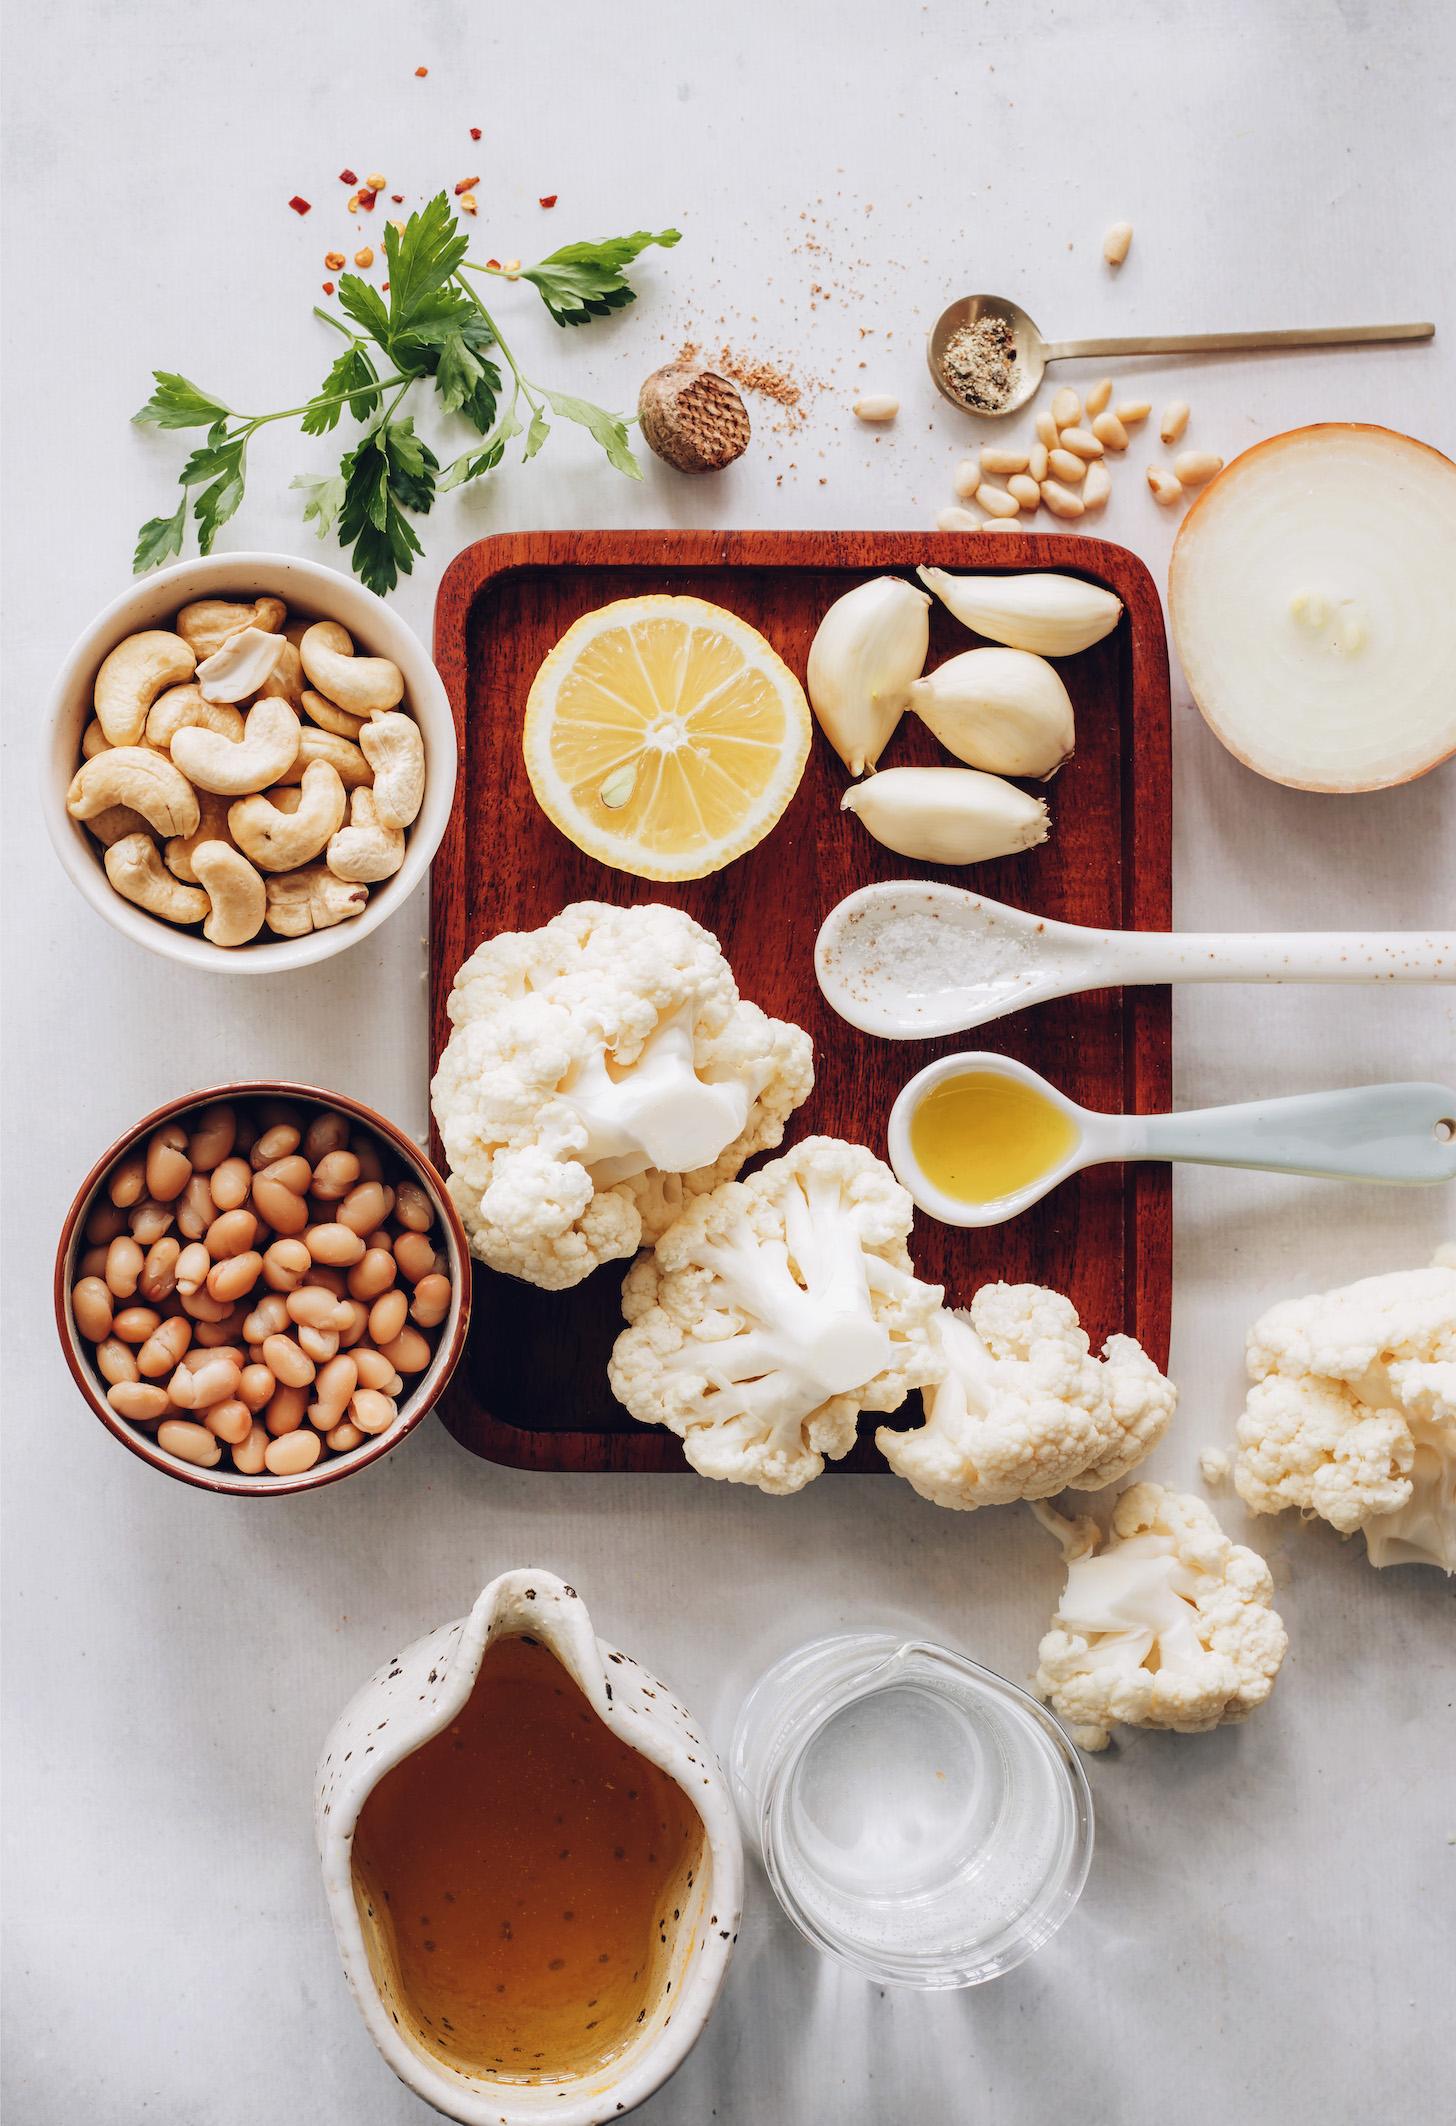 Hagyma, fokhagyma, karfiol avokádóolaj, só, bors, víz, fehérbab, szerecsendió, kesudió, citromlé, petrezselyem, fenyőmag és borspehely